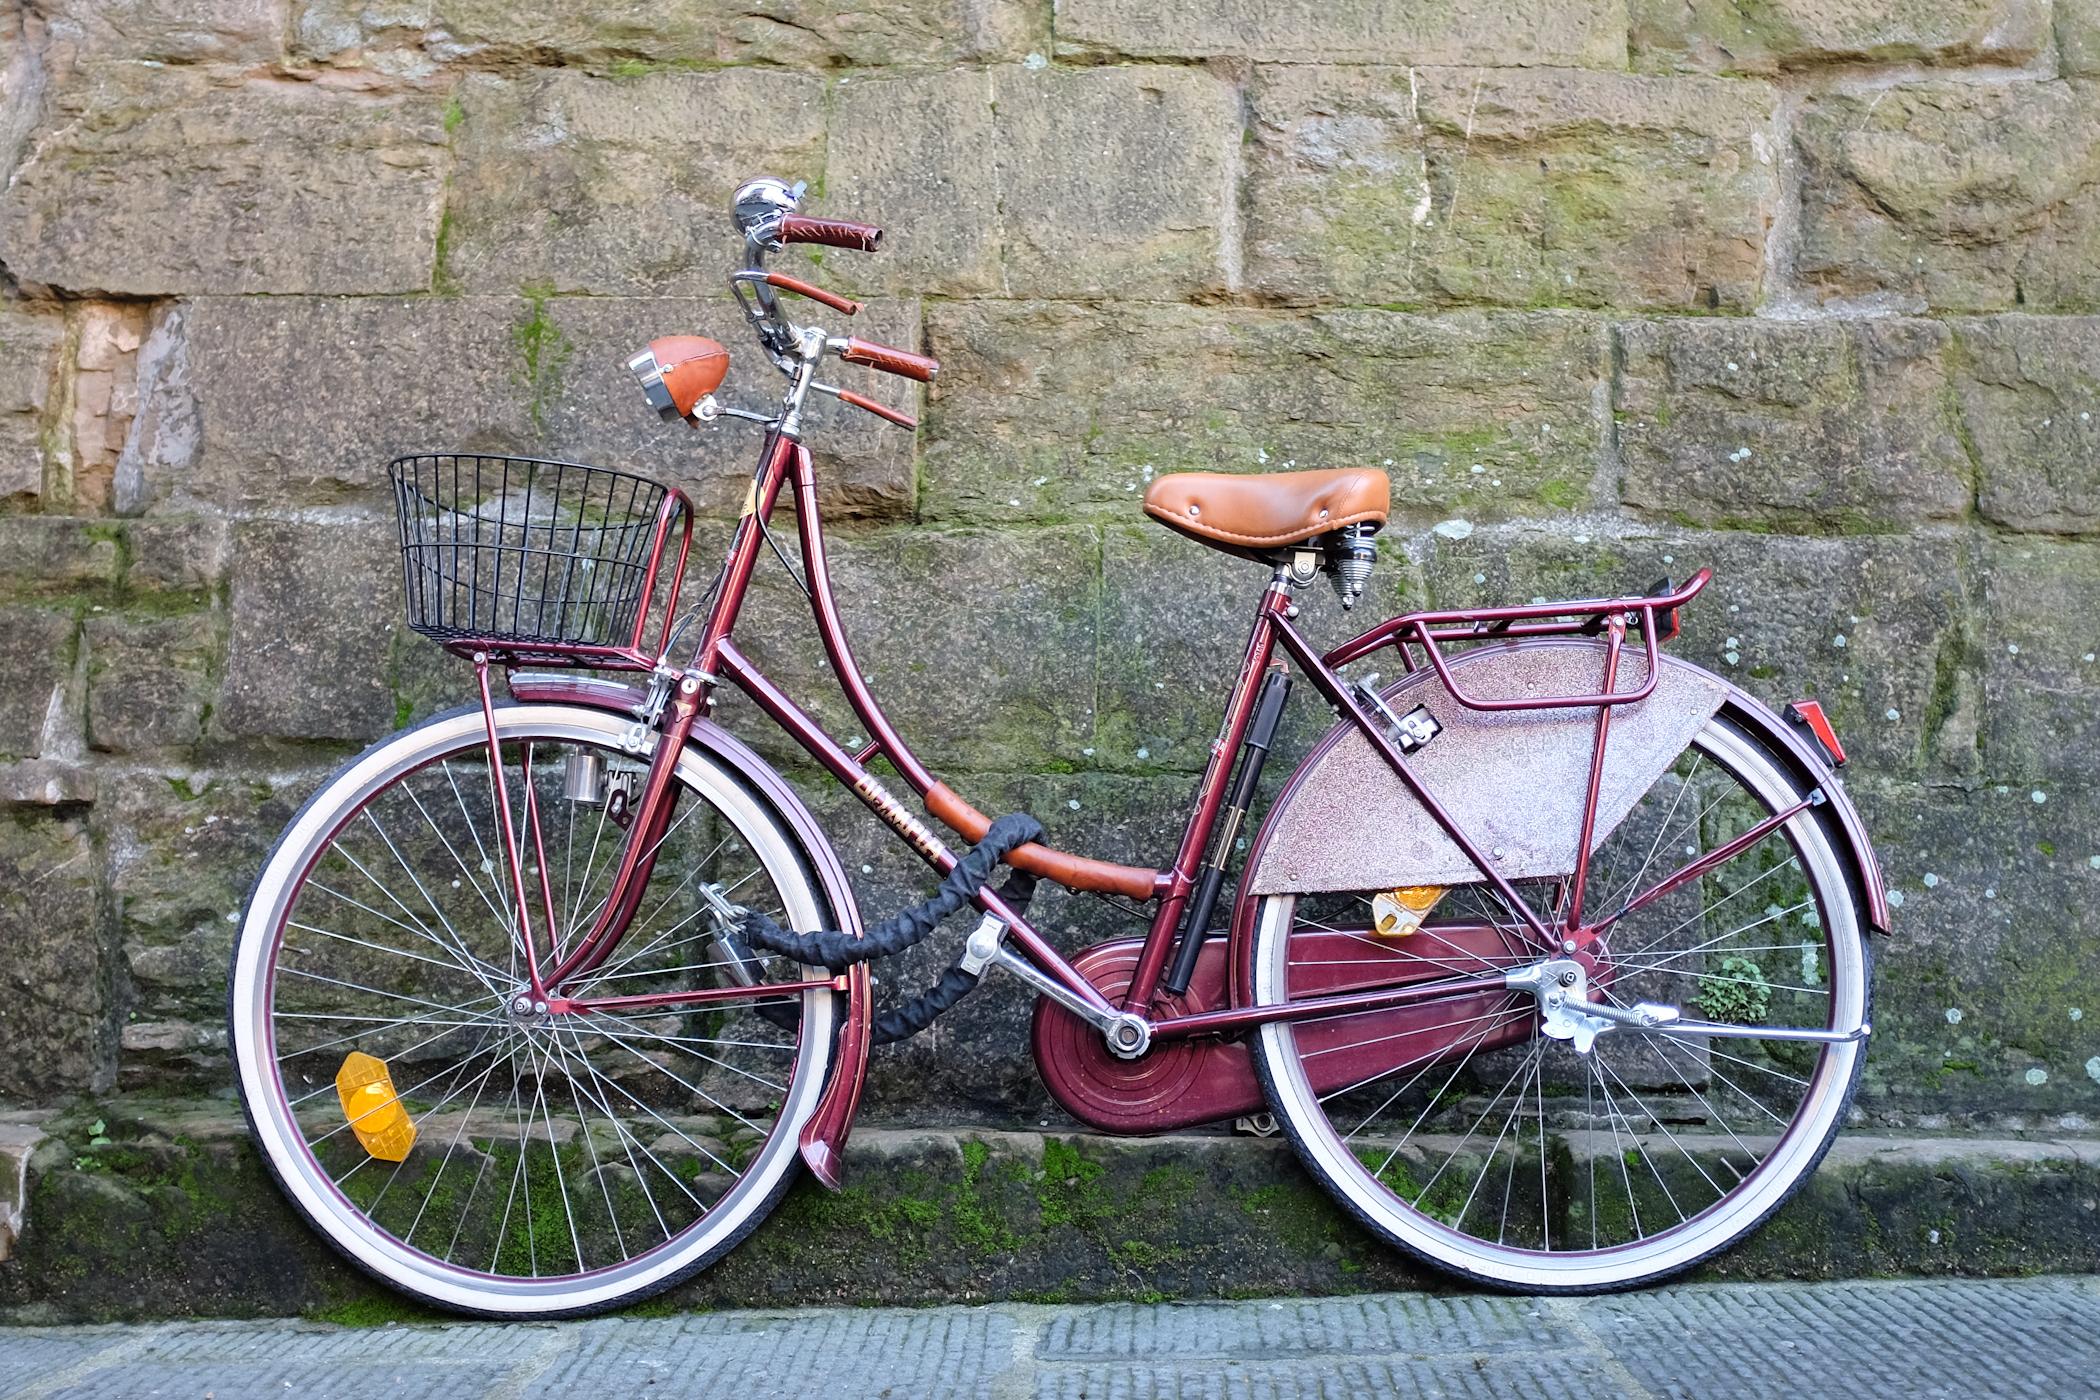 palermo bicicletti di firenze jan15-21.jpg